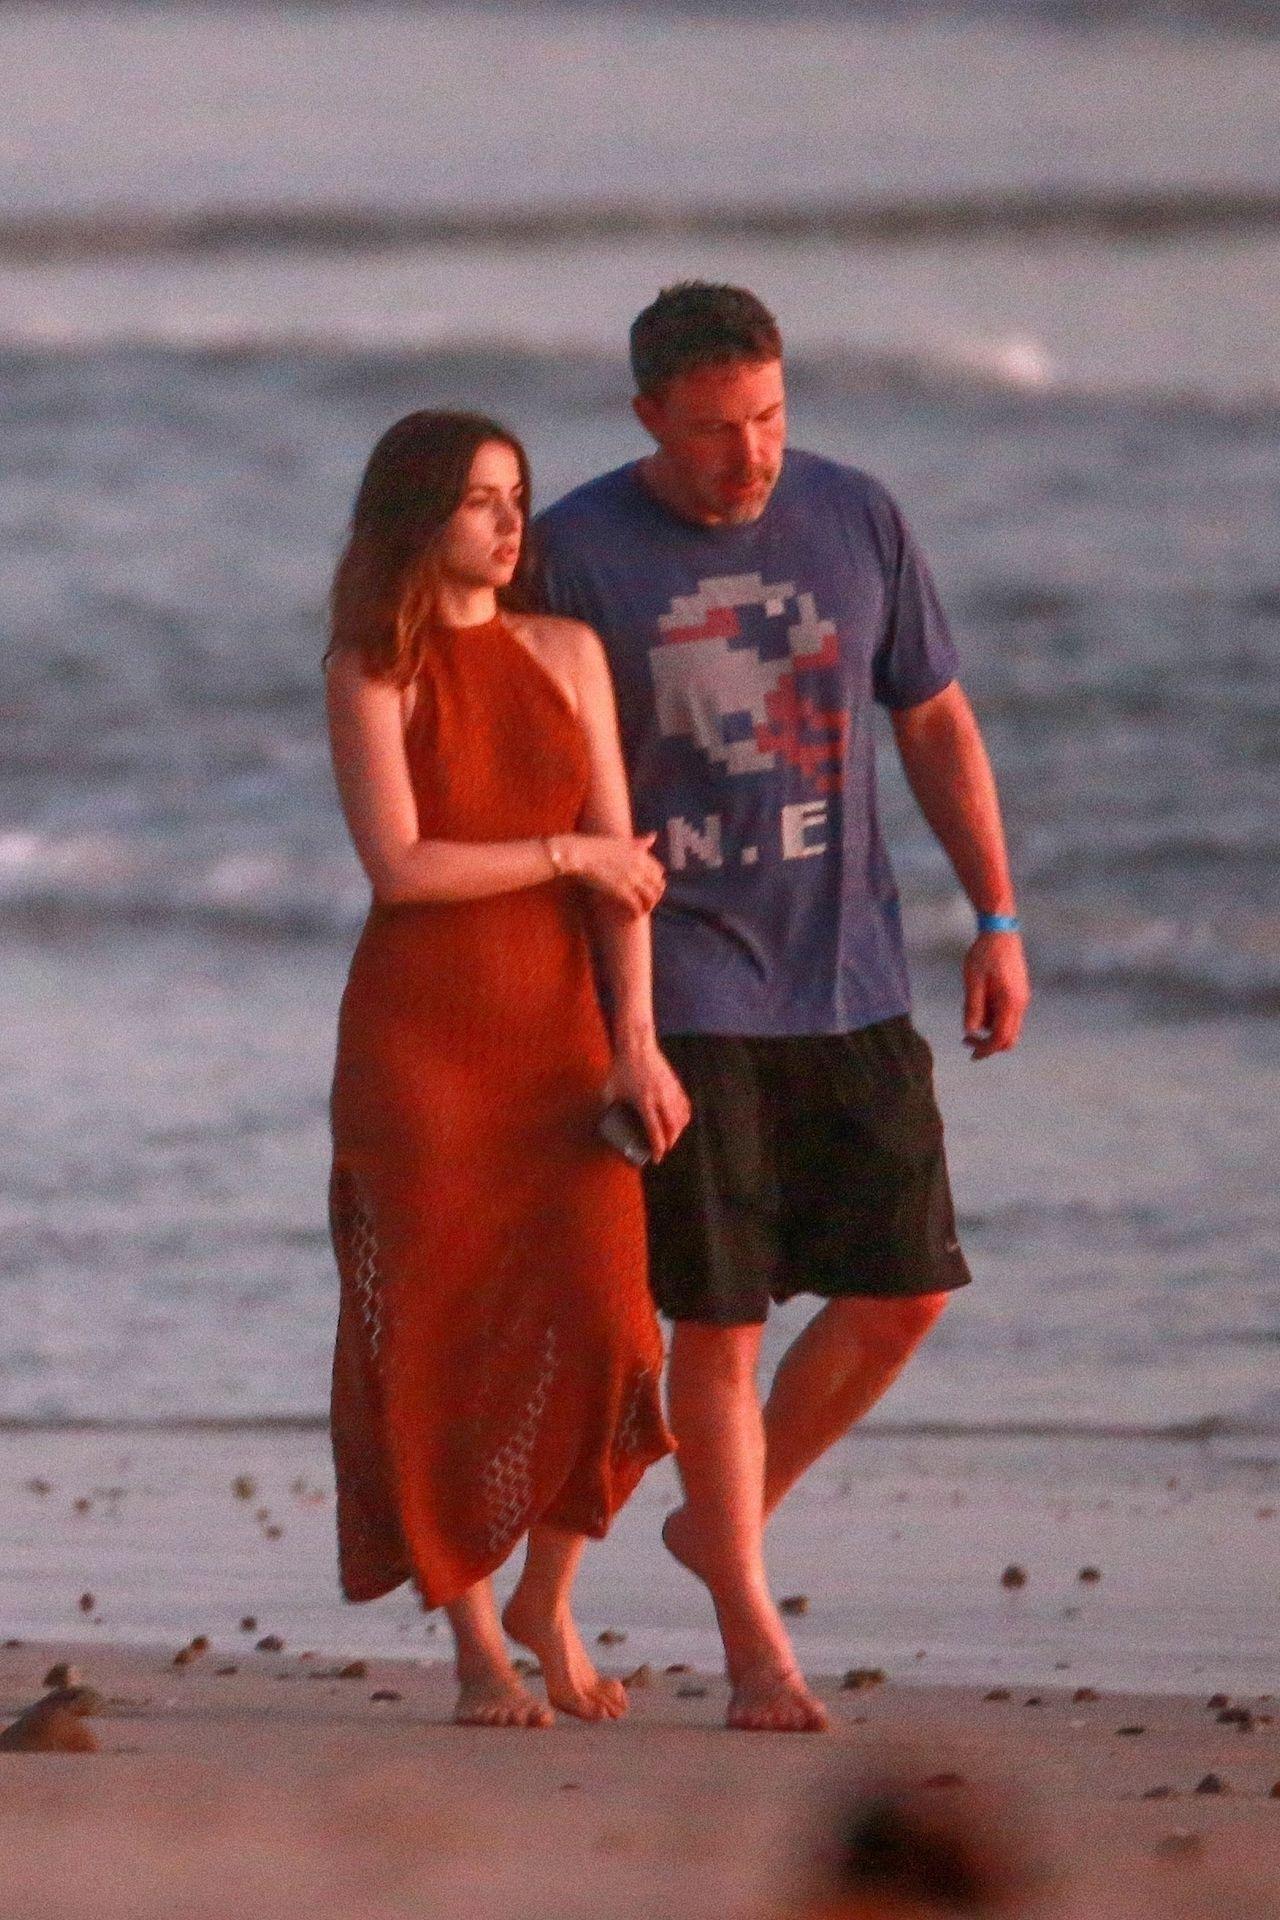 Ben Affleck & Ana De Armas Enjoy A Pda Moment During Romantic Beach Stroll In Costa Rica 0043